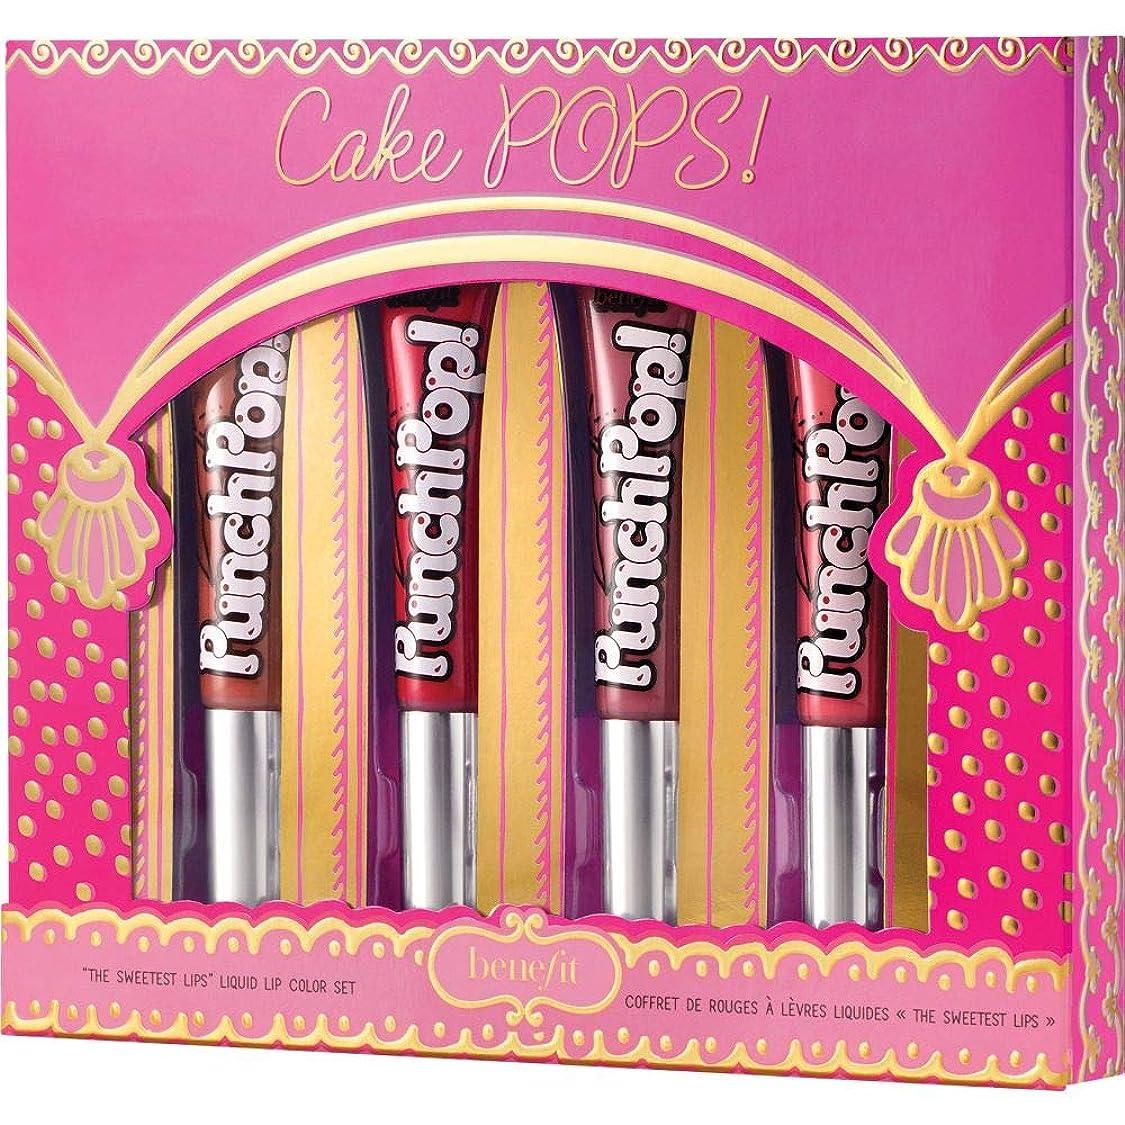 アンソロジー協力的大量[Benefit] ケーキポップに利益をもたらします!かわいい&ピンクパンチポップ!贈り物は4×7ミリリットルを設定しました - Benefit Cake POPS! Pretty & Pink Punch Pop! Gift Set 4 x 7ml [並行輸入品]